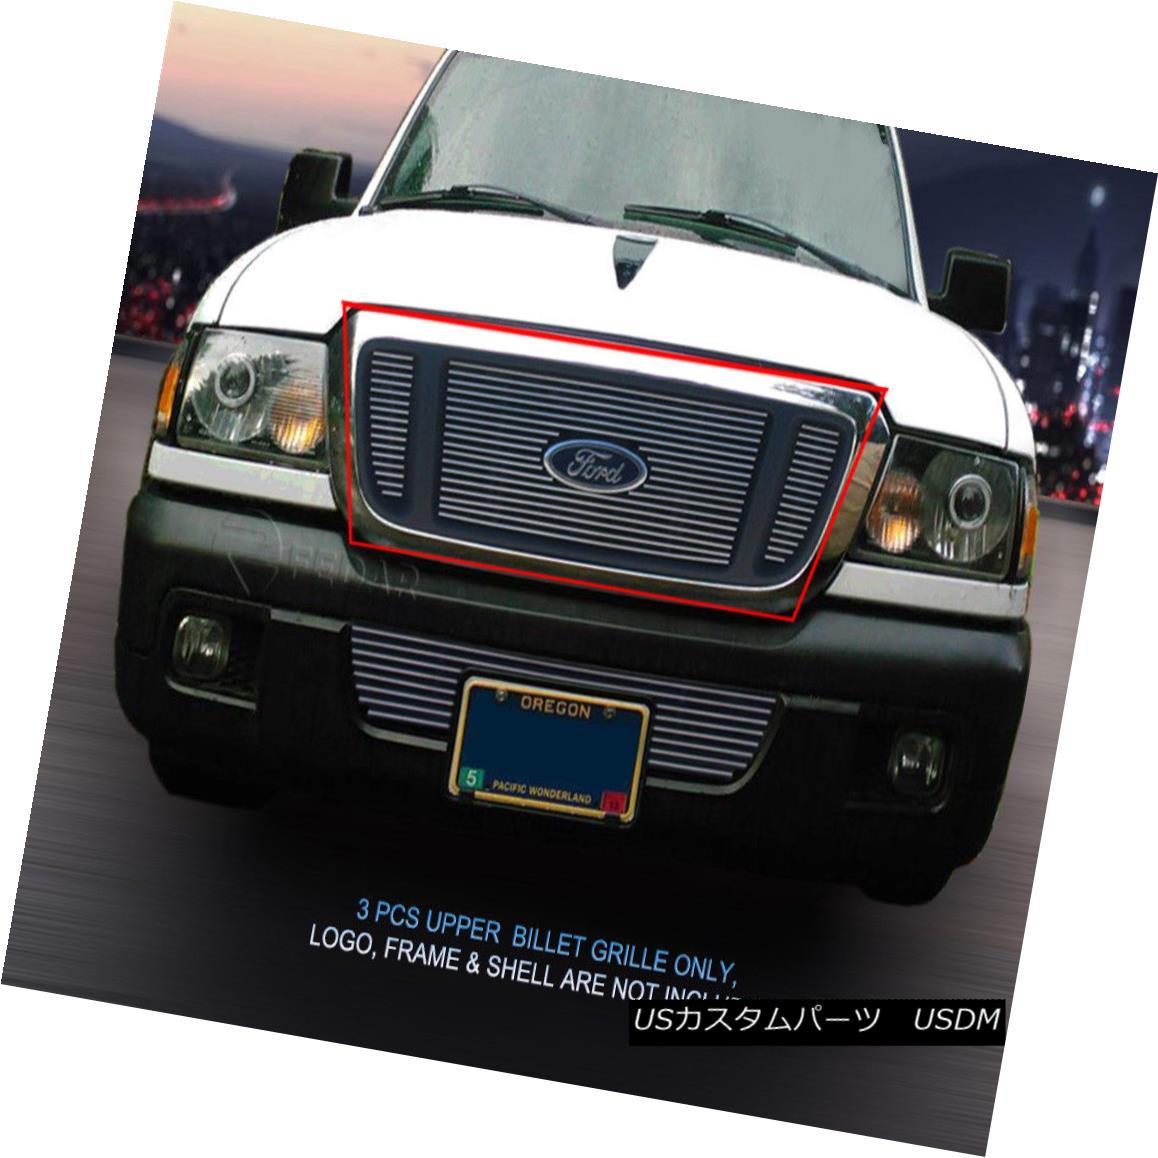 グリル Fedar Fits 2004-2005 Ford Ranger 4WD FX4 Polished Main Upper Billet Grille Fedar Fitting 2004-2005フォードレンジャー4WD FX4 Polished Main Upper Billet Grille